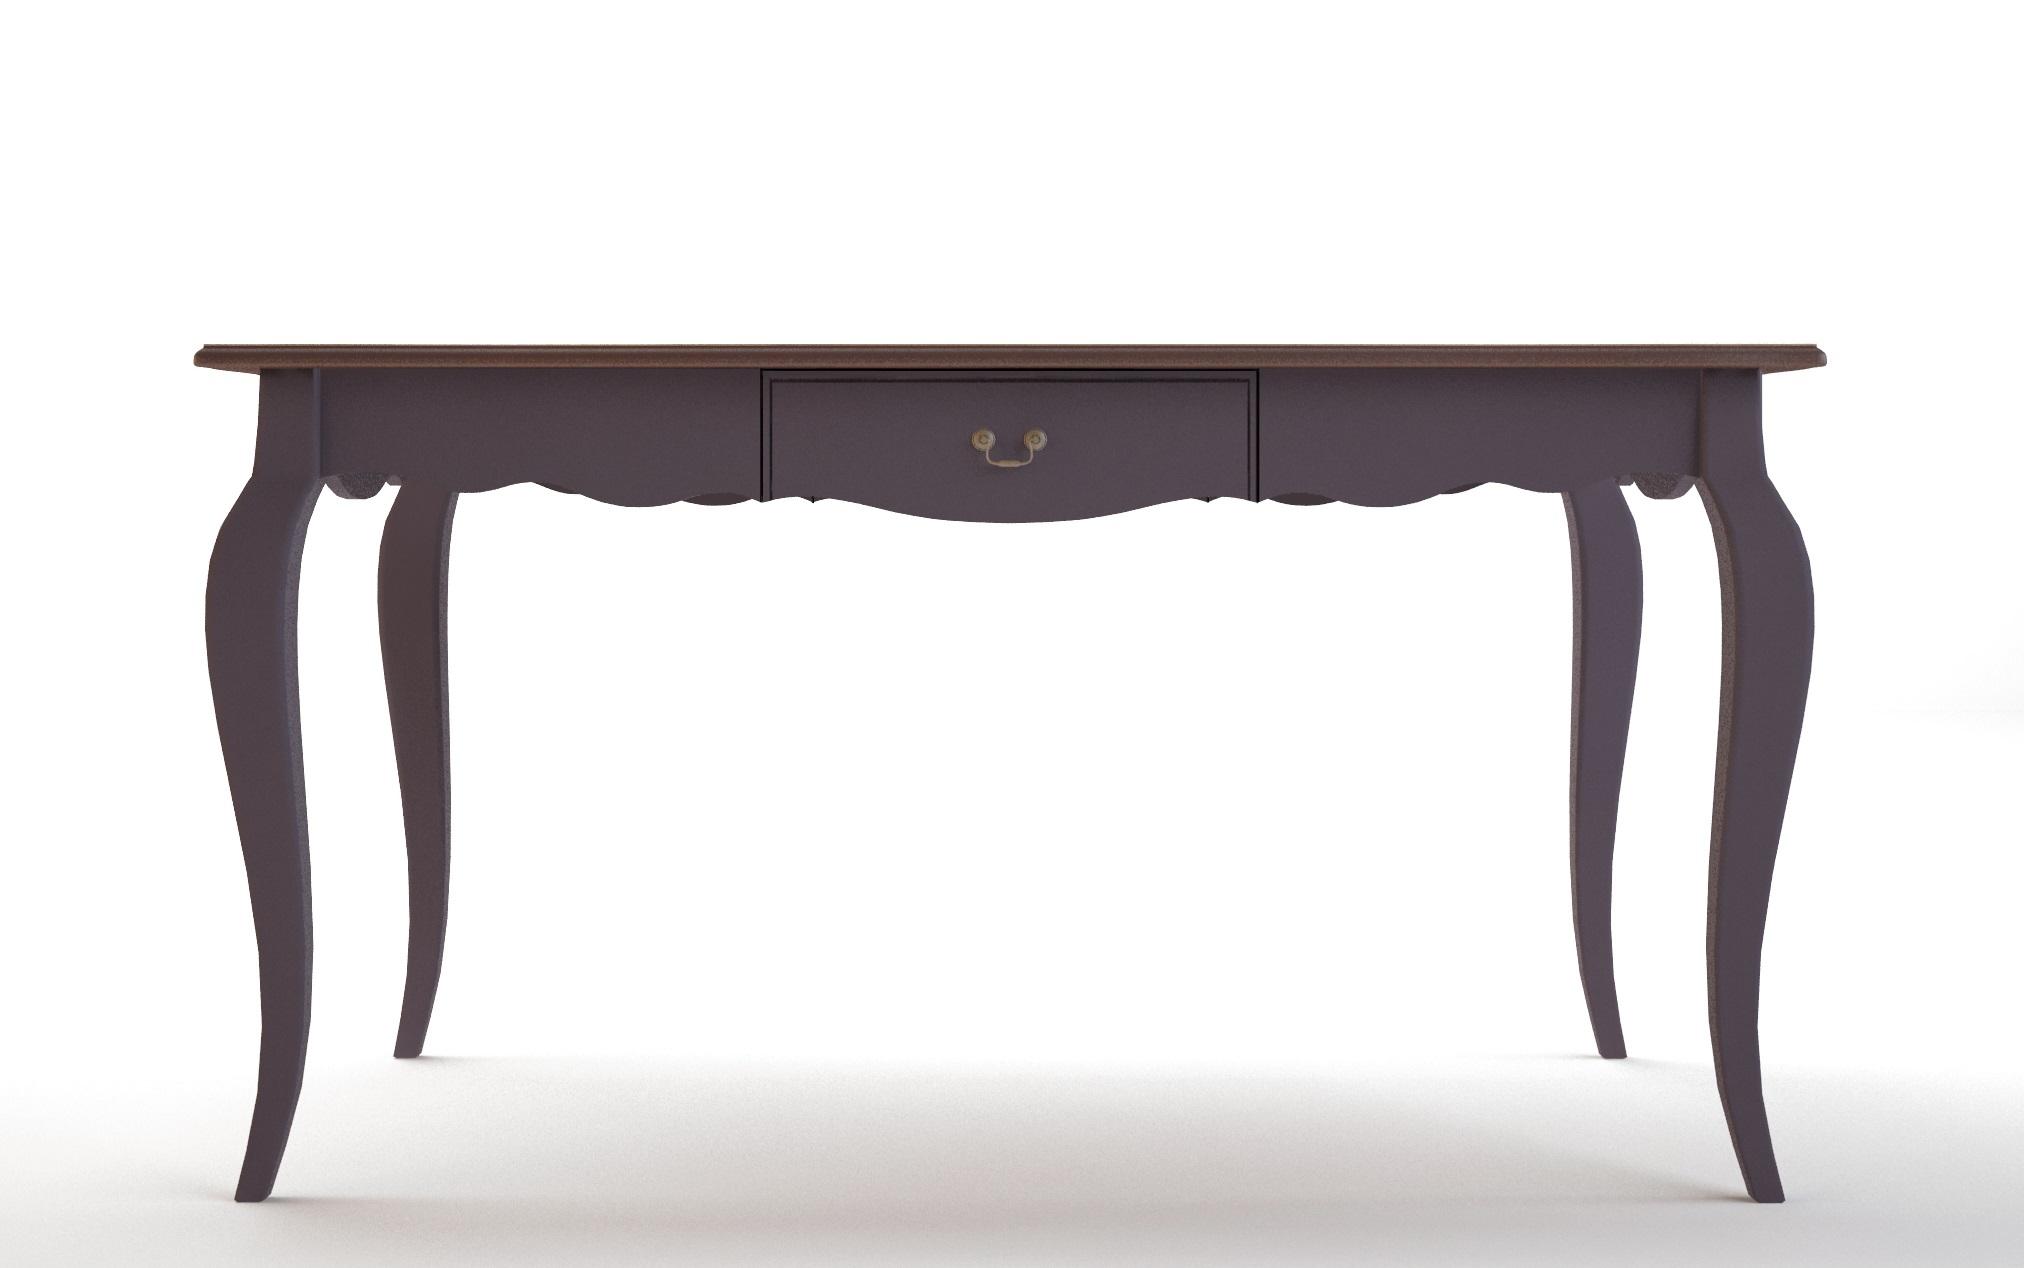 Стол Leontina lavandaОбеденные столы<br>Массив березы,Массив ясеня<br><br>Material: Дерево<br>Ширина см: 145<br>Высота см: 77<br>Глубина см: 85